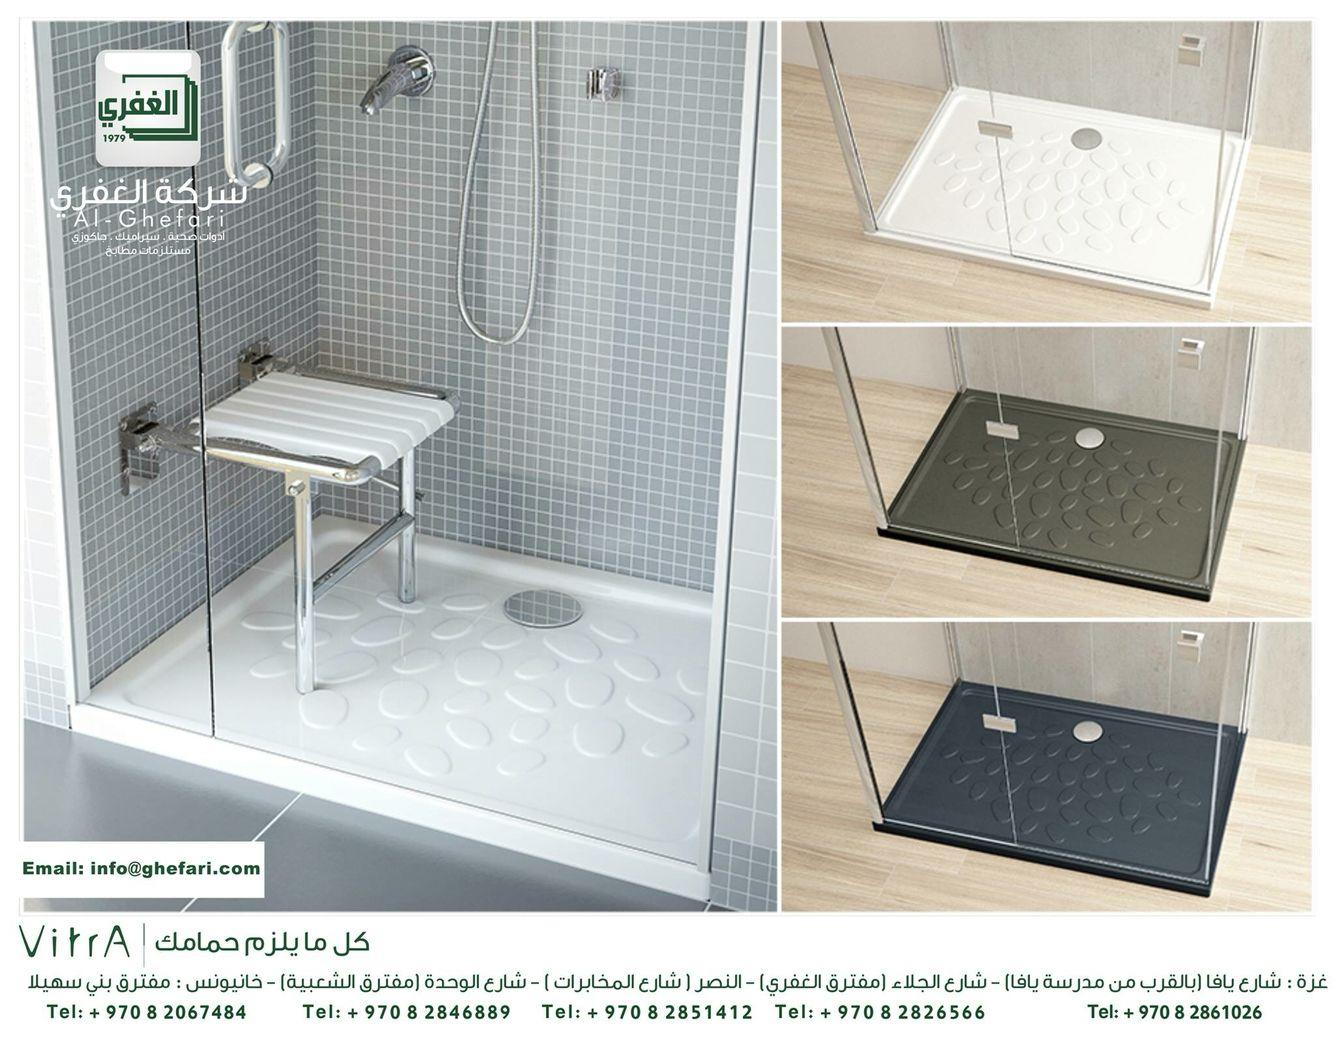 شركة الغفري ادوات صحية وسيراميك Bath Mat Home Decor Decor